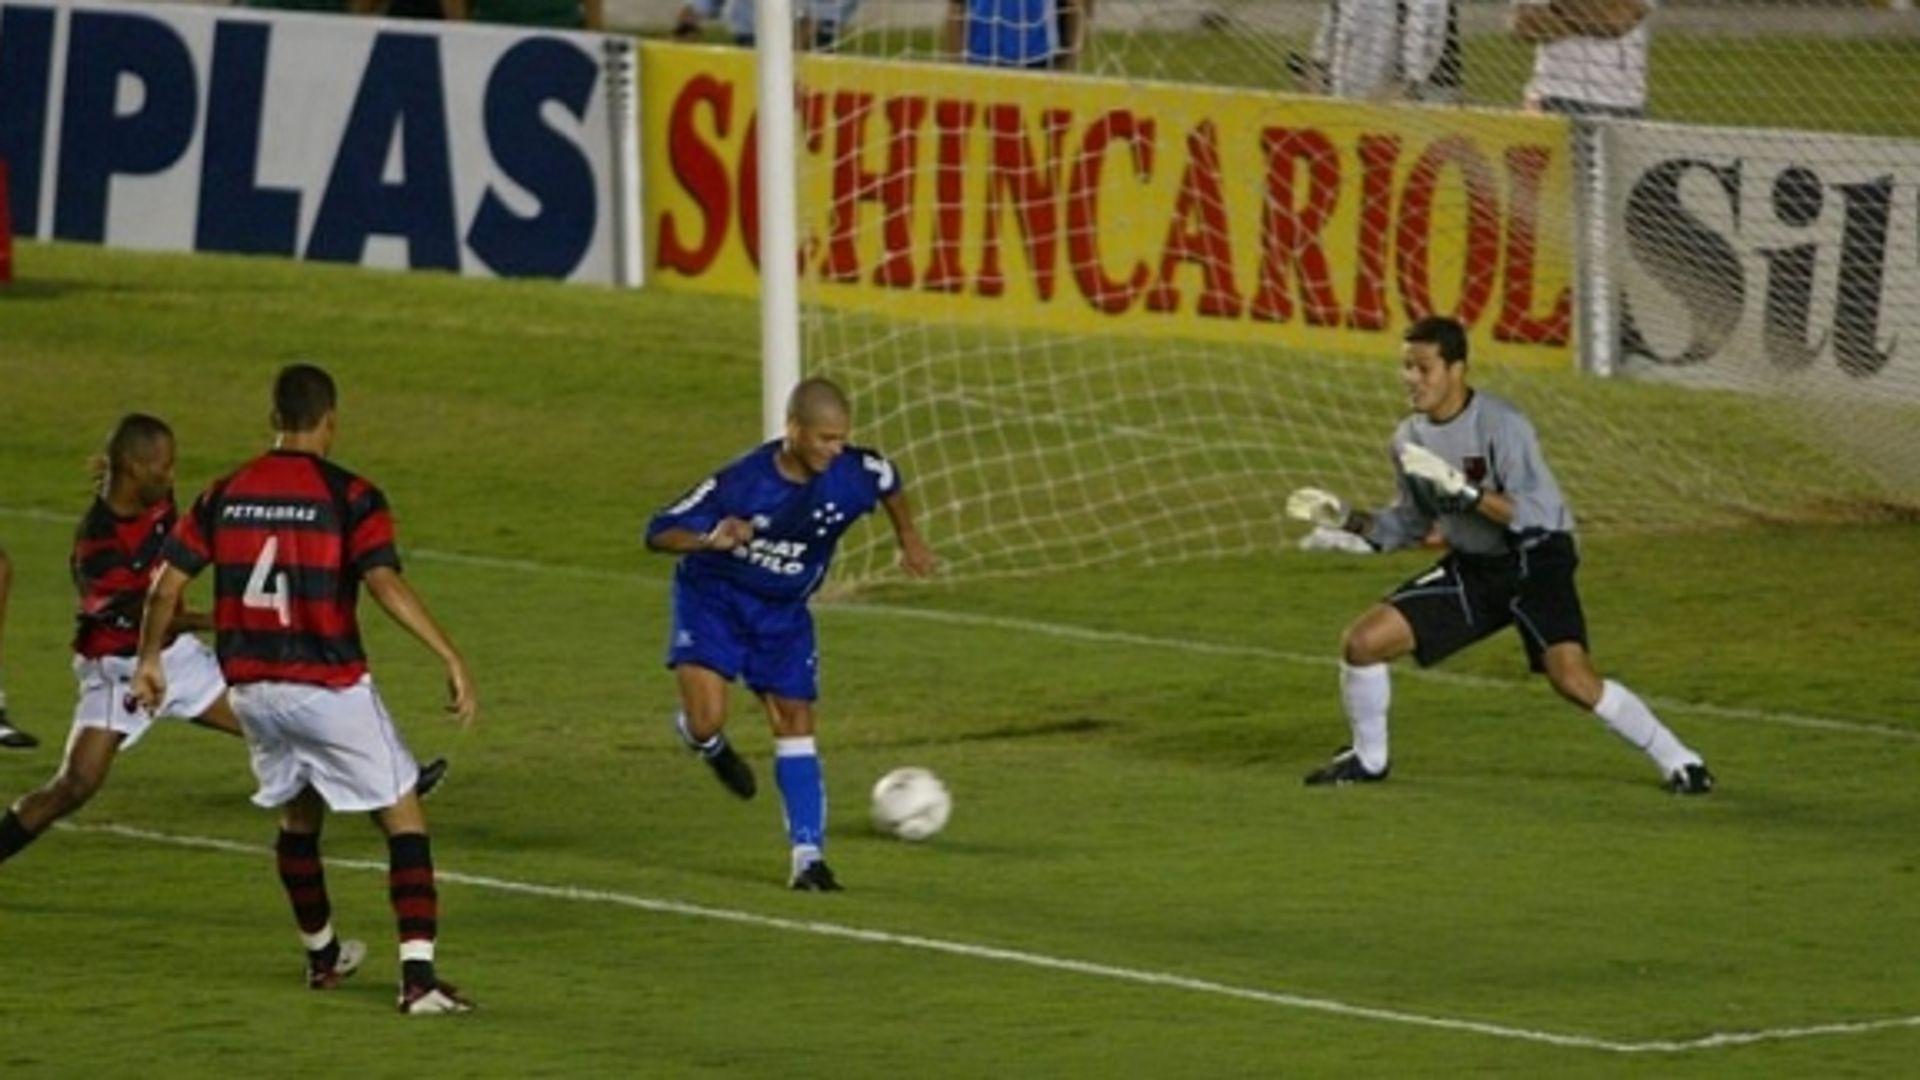 Julio Cesar 2003 Flamengo Cruzeiro